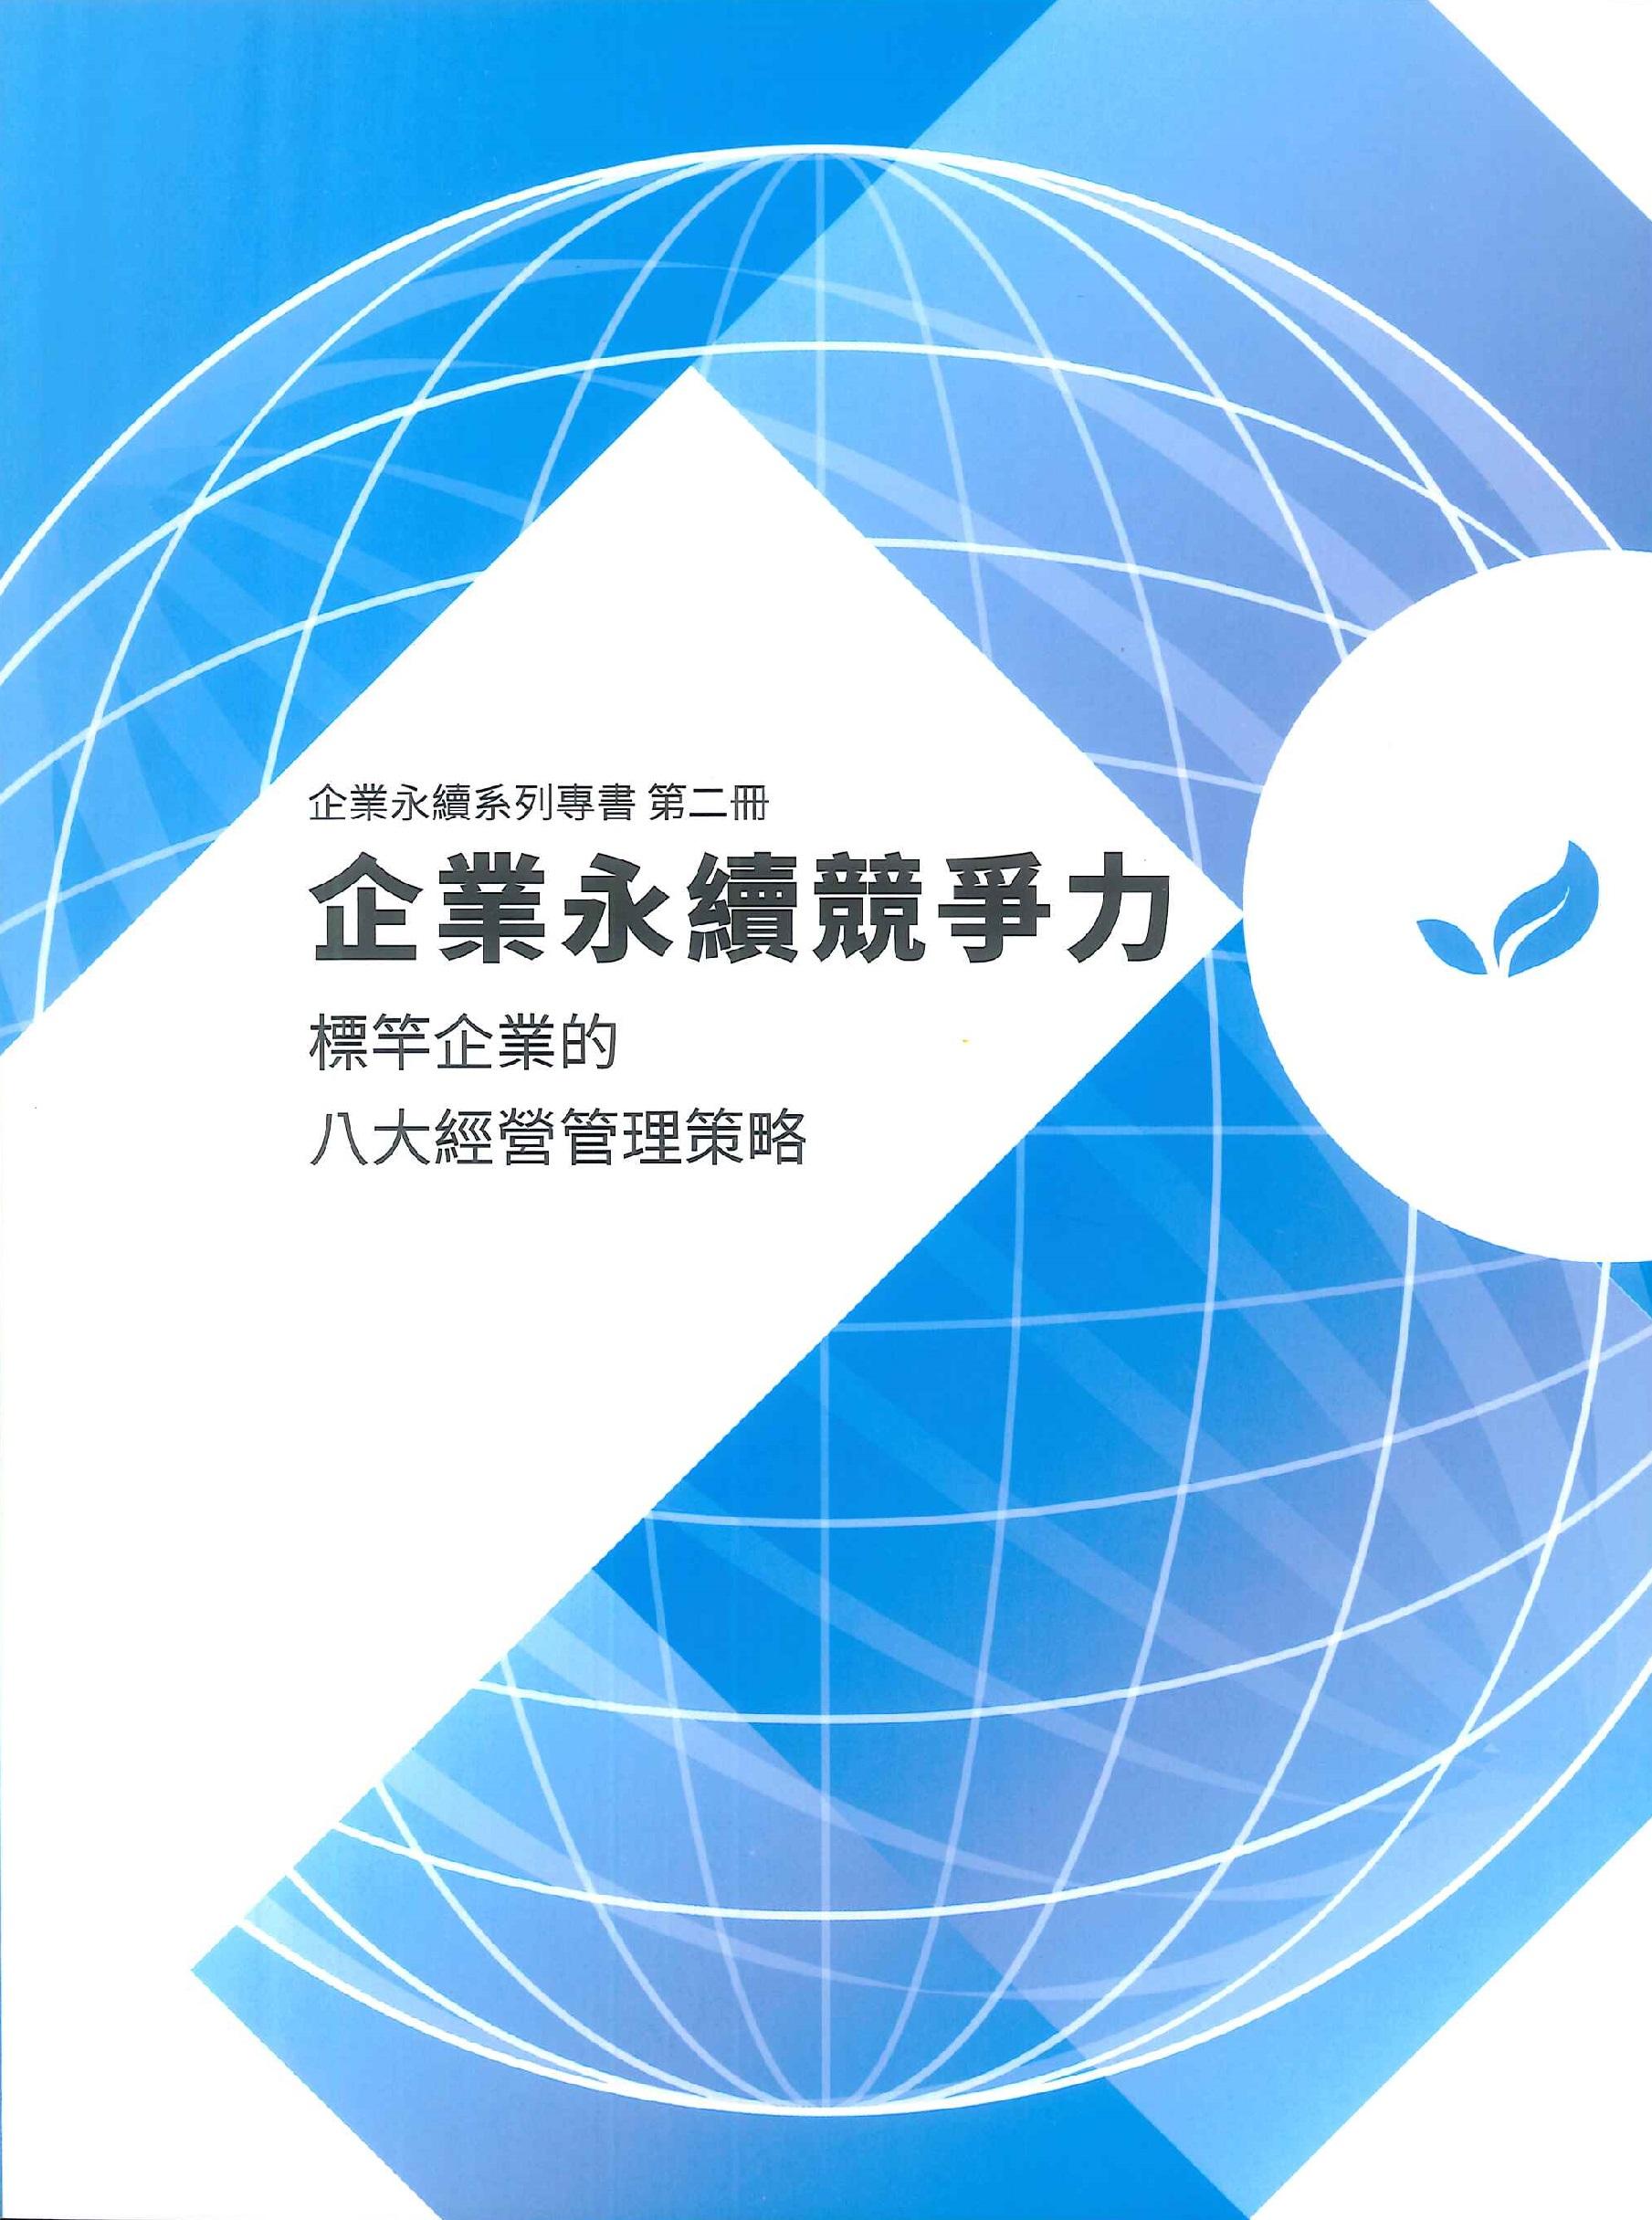 企業永續競爭力:標竿企業的八大經營管理策略